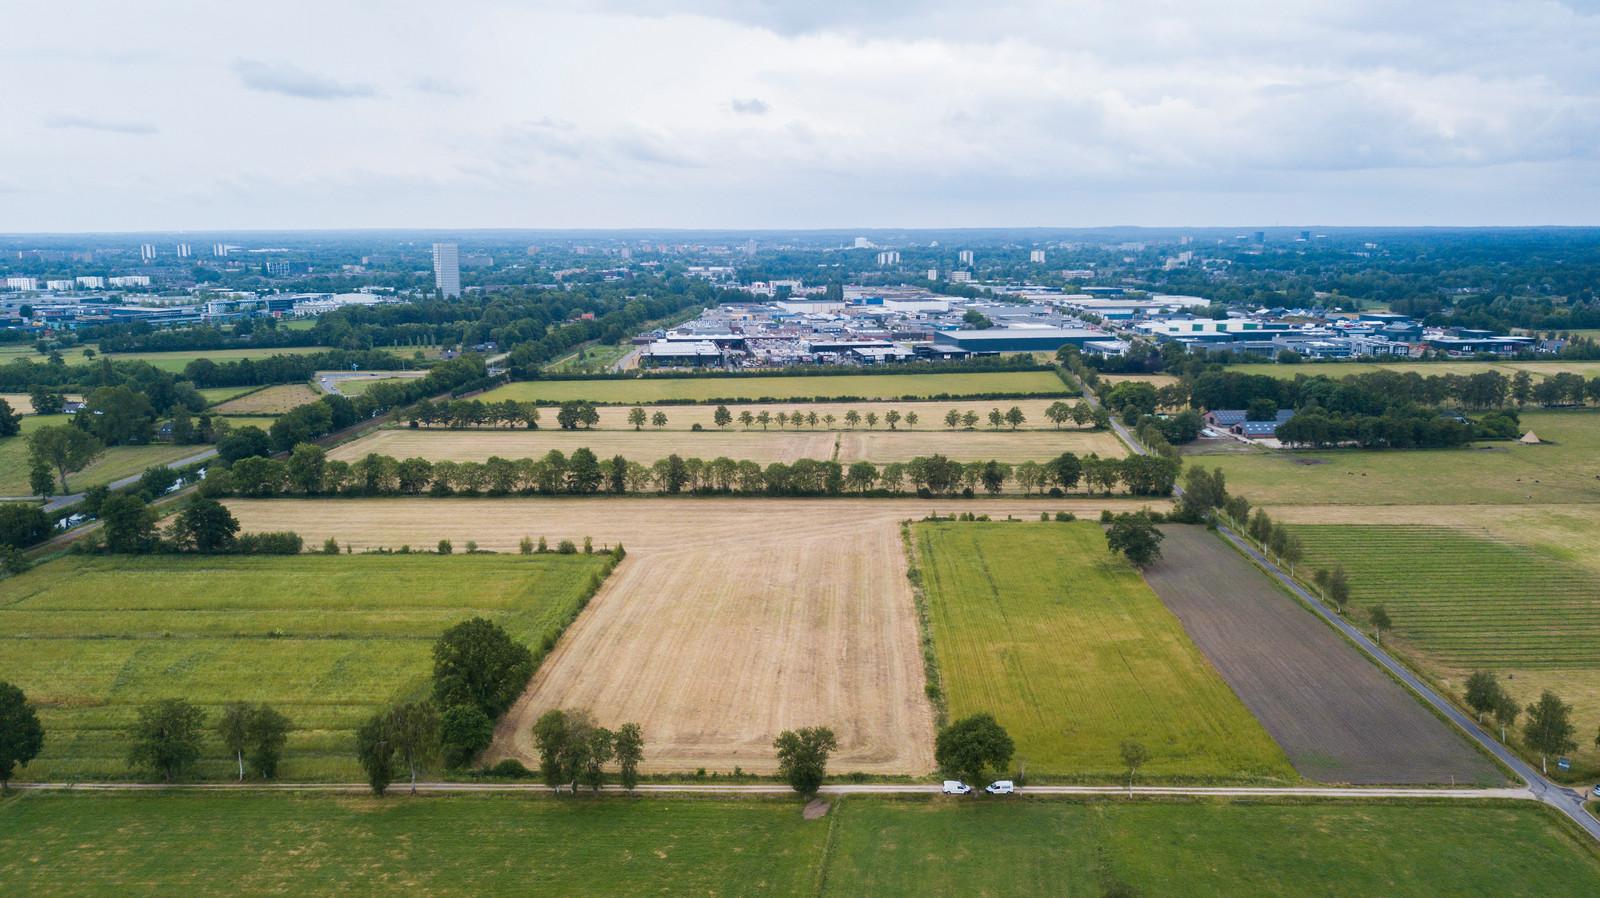 Een zonnepark op 'koninklijke grond', aan de rand van de stad.